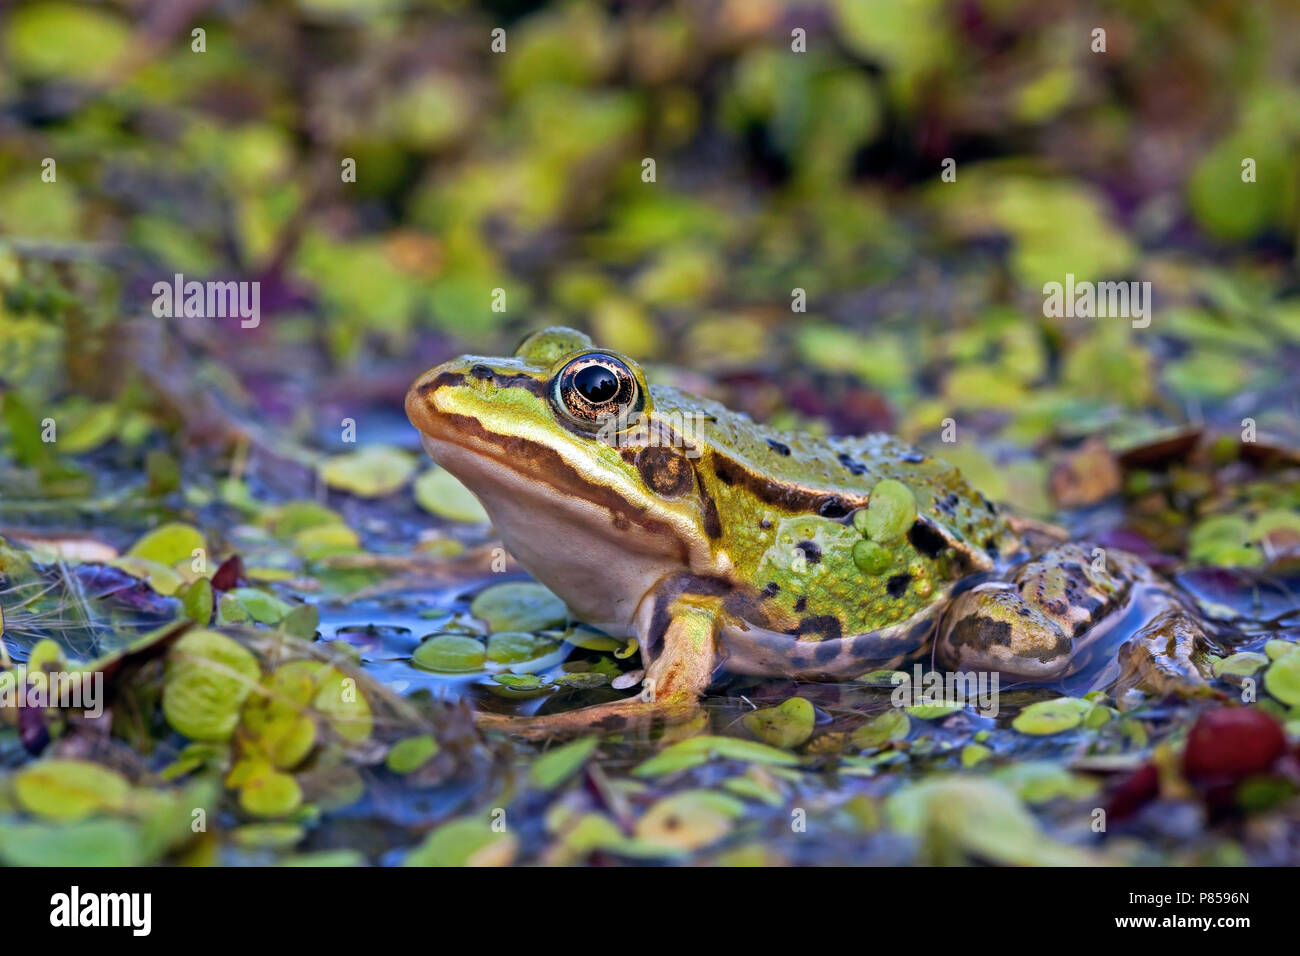 Kikker tussen het kroos; Frog between duckweed - Stock Image